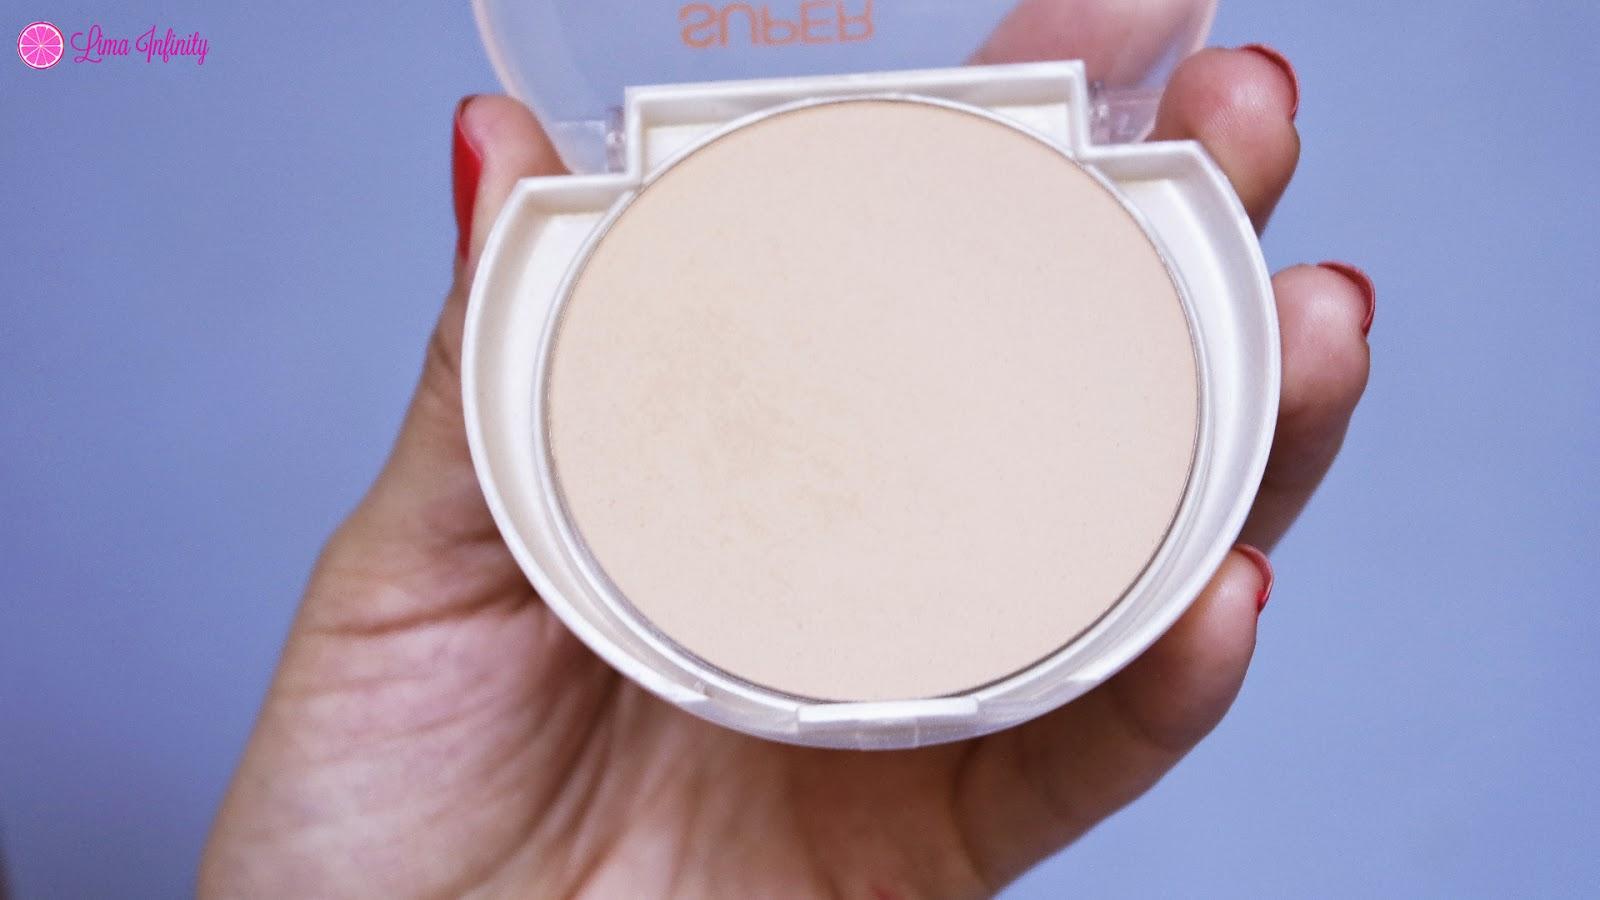 pó-compacto-maybelline-resenha-maquiagem-super-natural-uv-block-claro